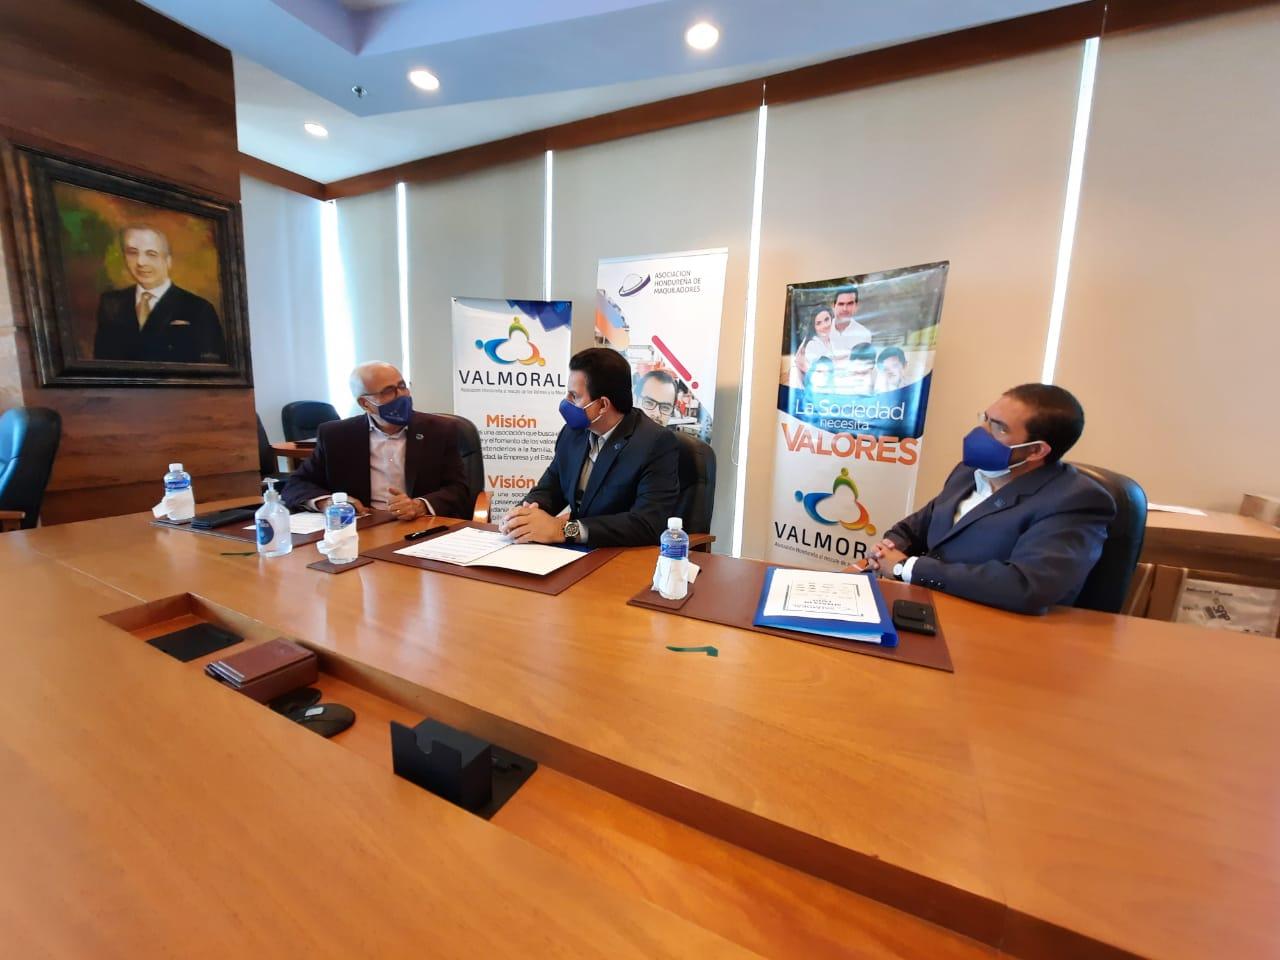 Maquiladores y VALMORAL firman convenio para promover valores